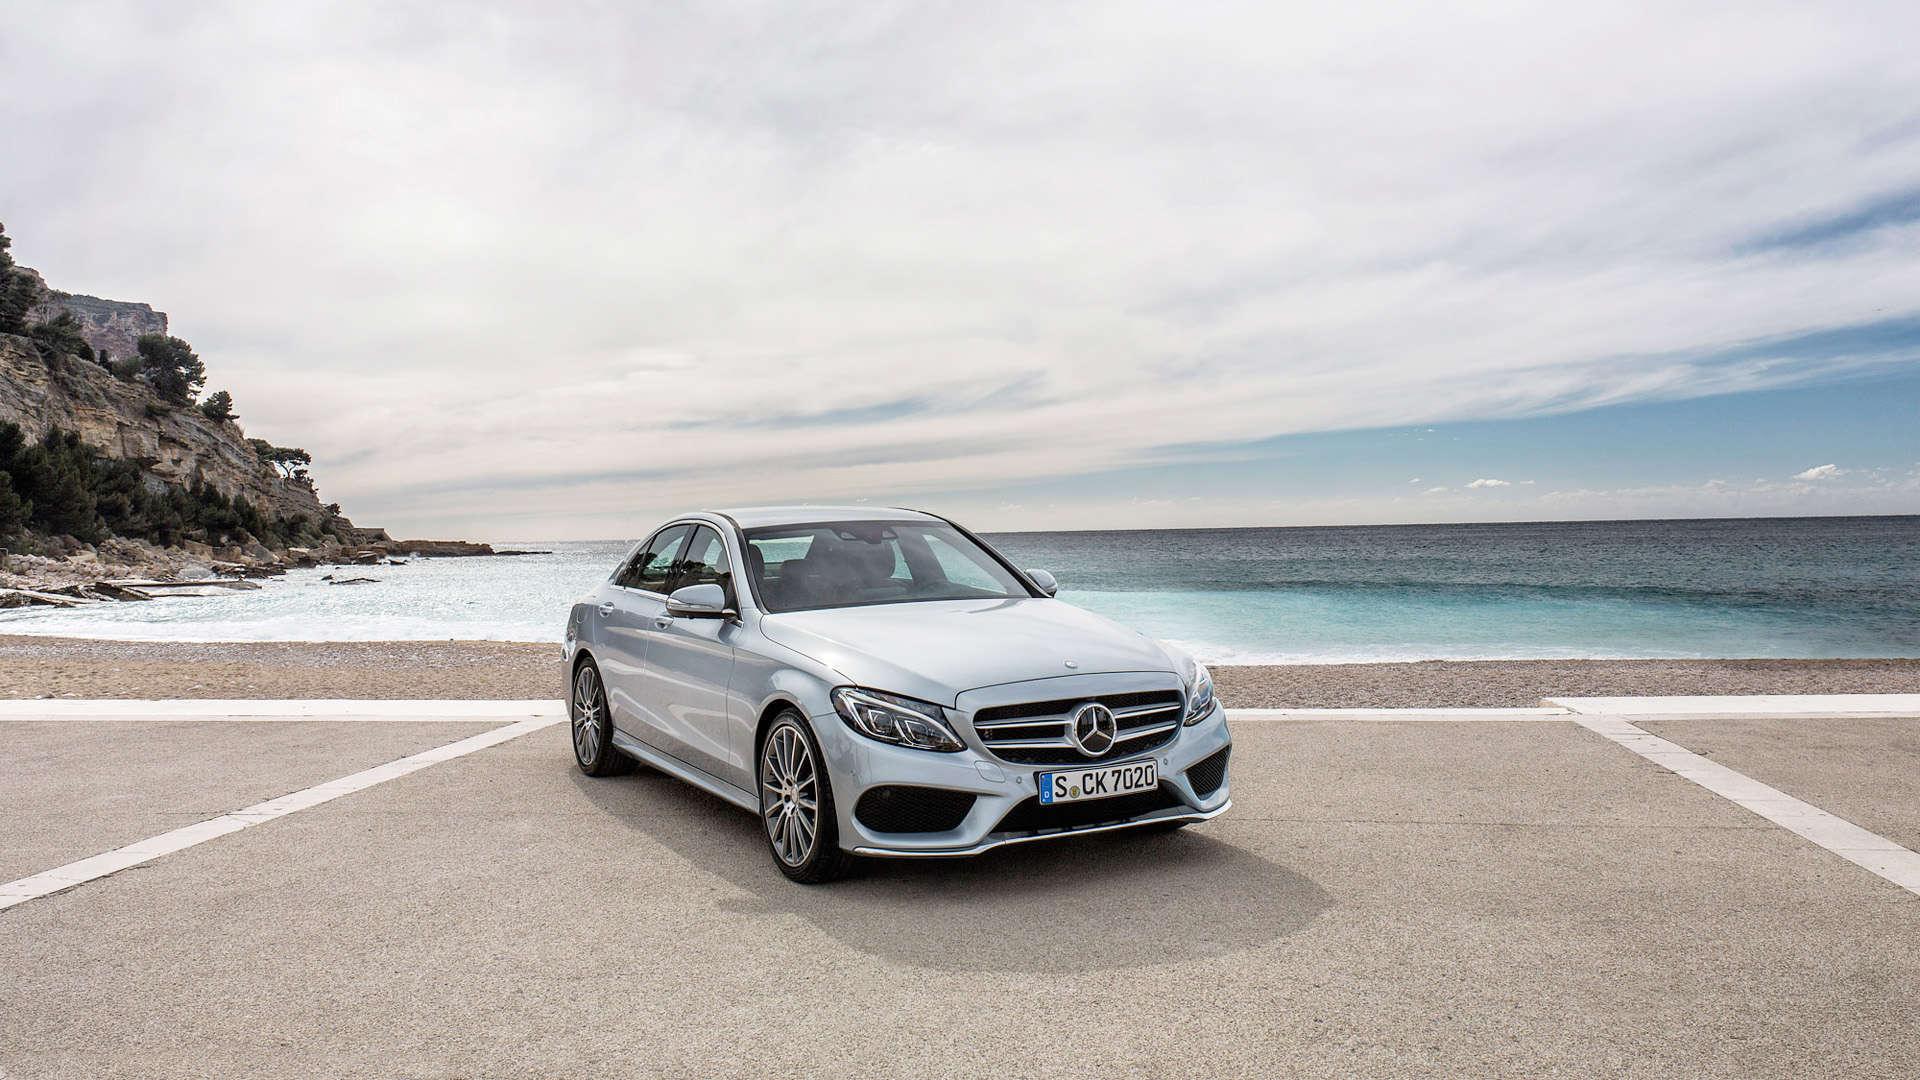 Wallpaper 2015 Mercedes Benz C400 4MATIC HD Wallpaper 1080p Upload 1920x1080